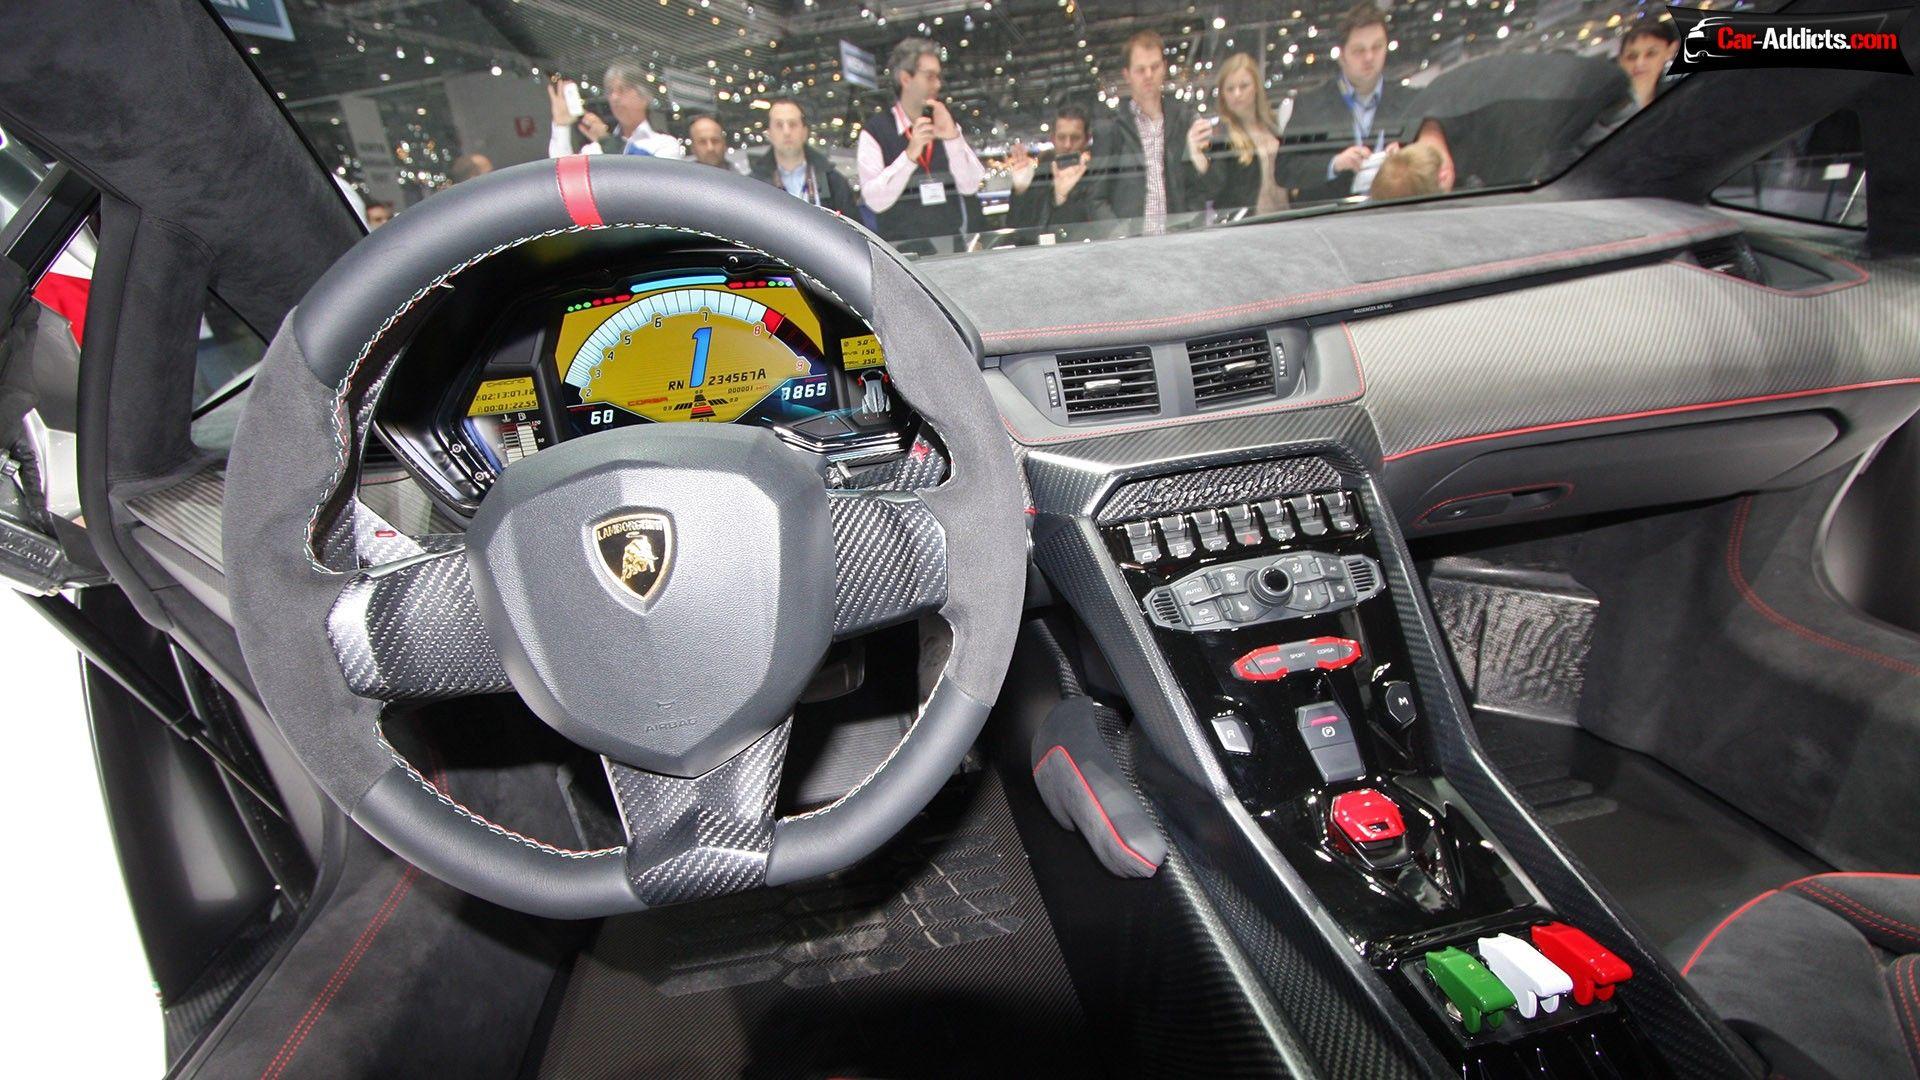 Lamborghini Veneno Interior Hd Lamborghini Veneno Interior Hd